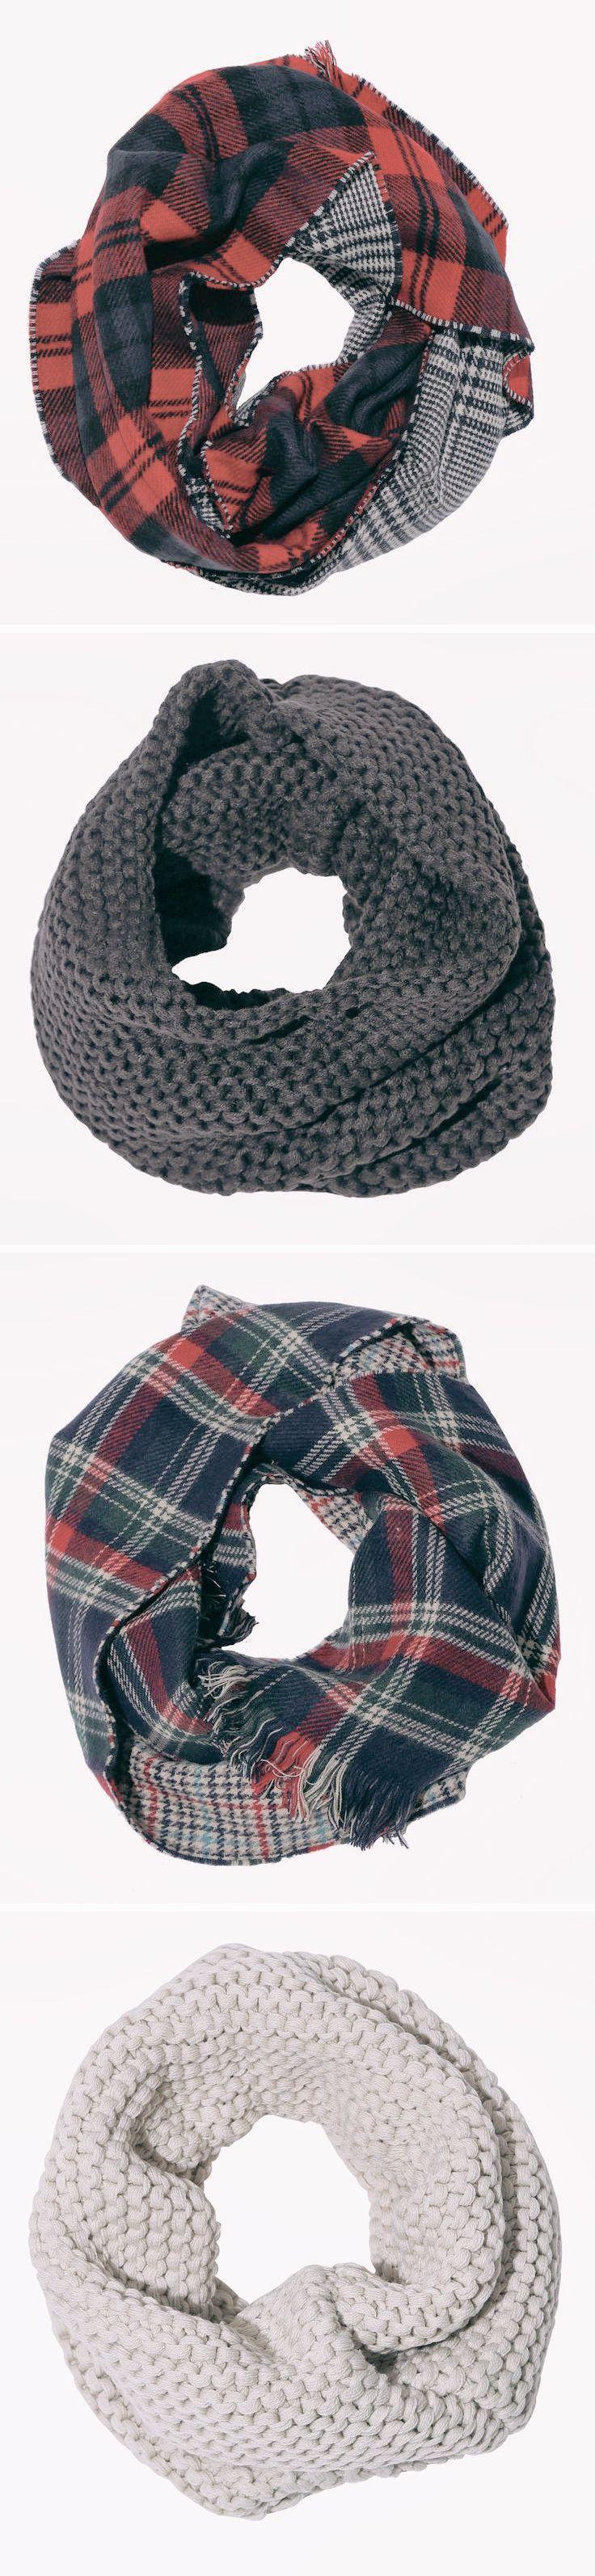 scarves!